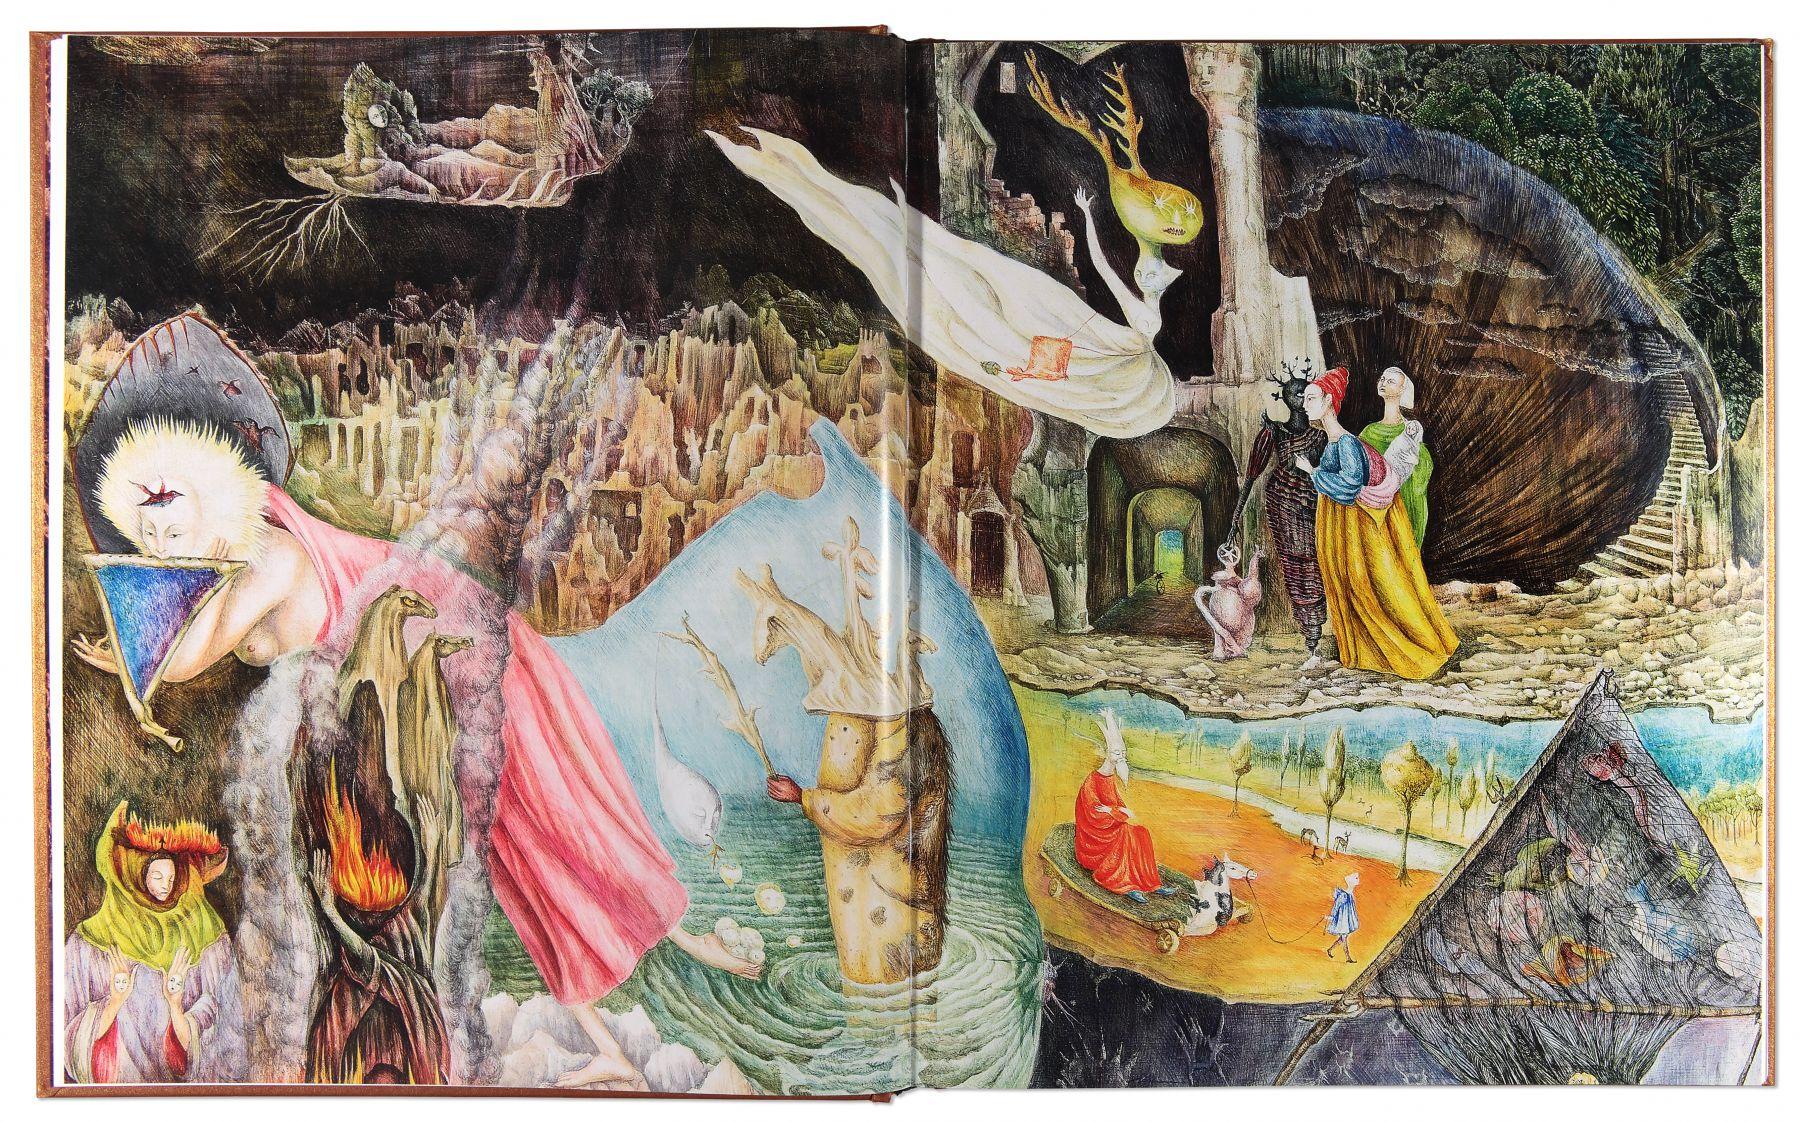 Surrealism in Mexico Interior Book Image #3